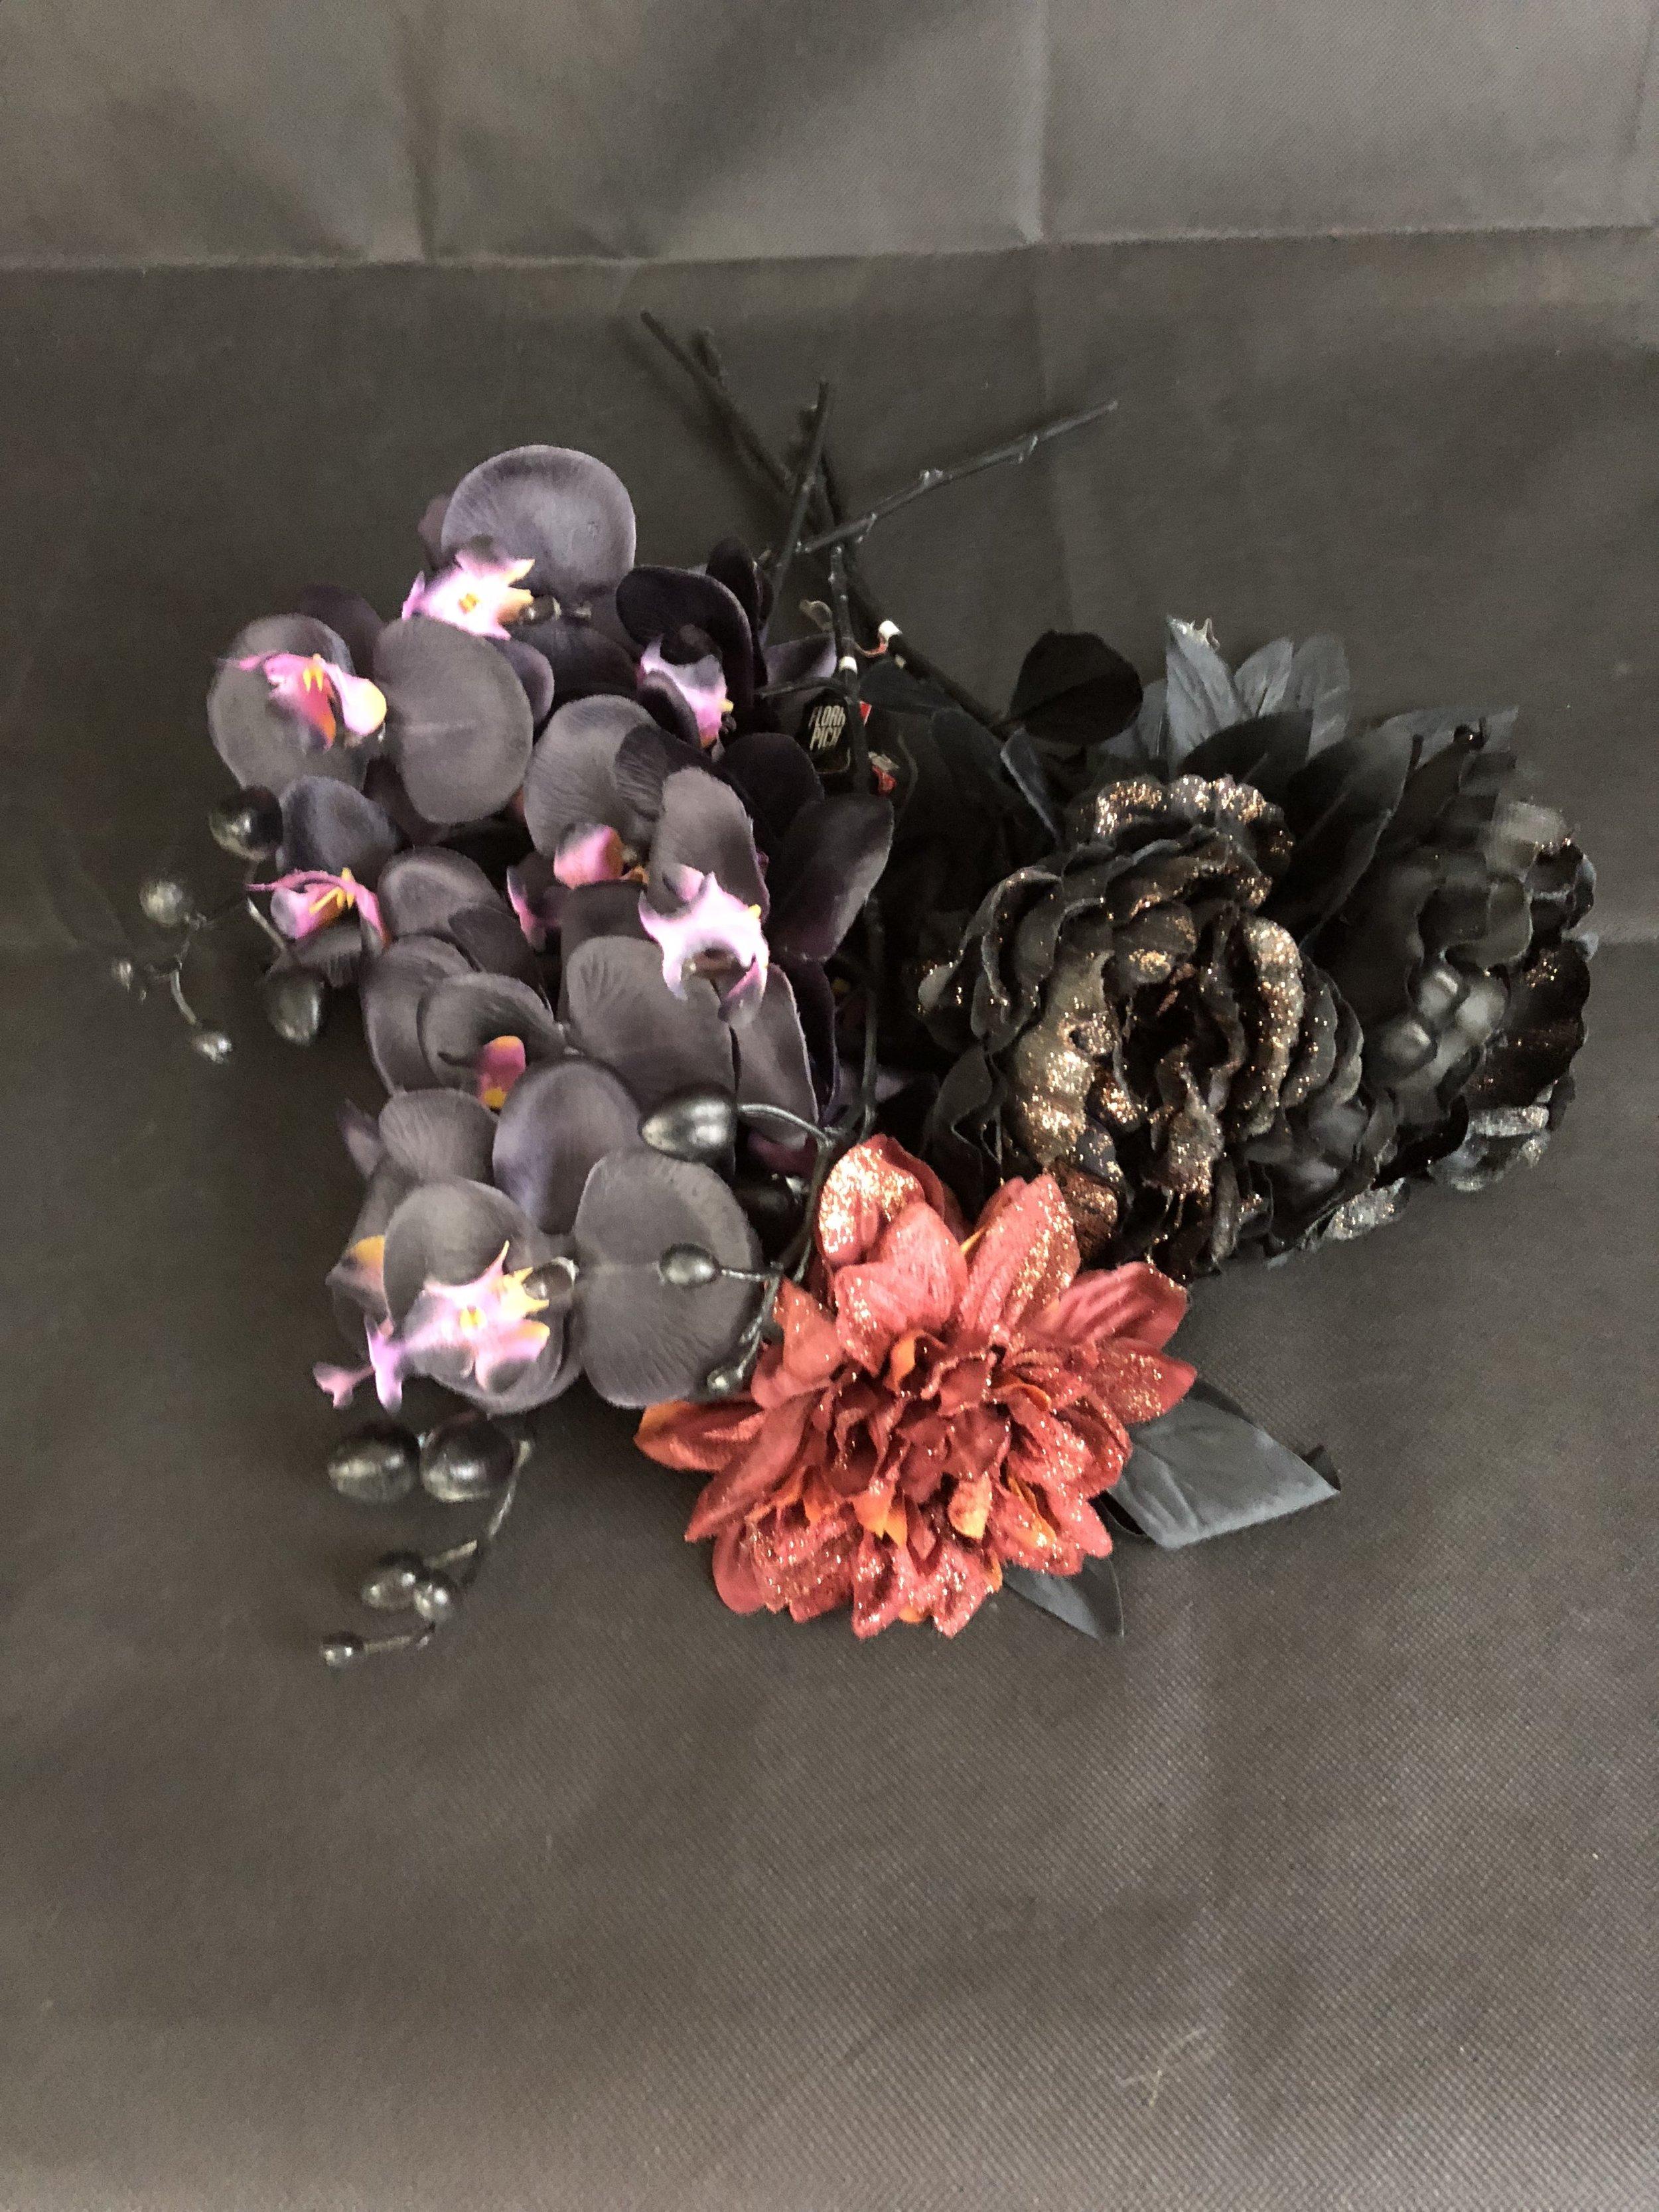 DIY Halloween Flower Vase Project - Flowers.jpg